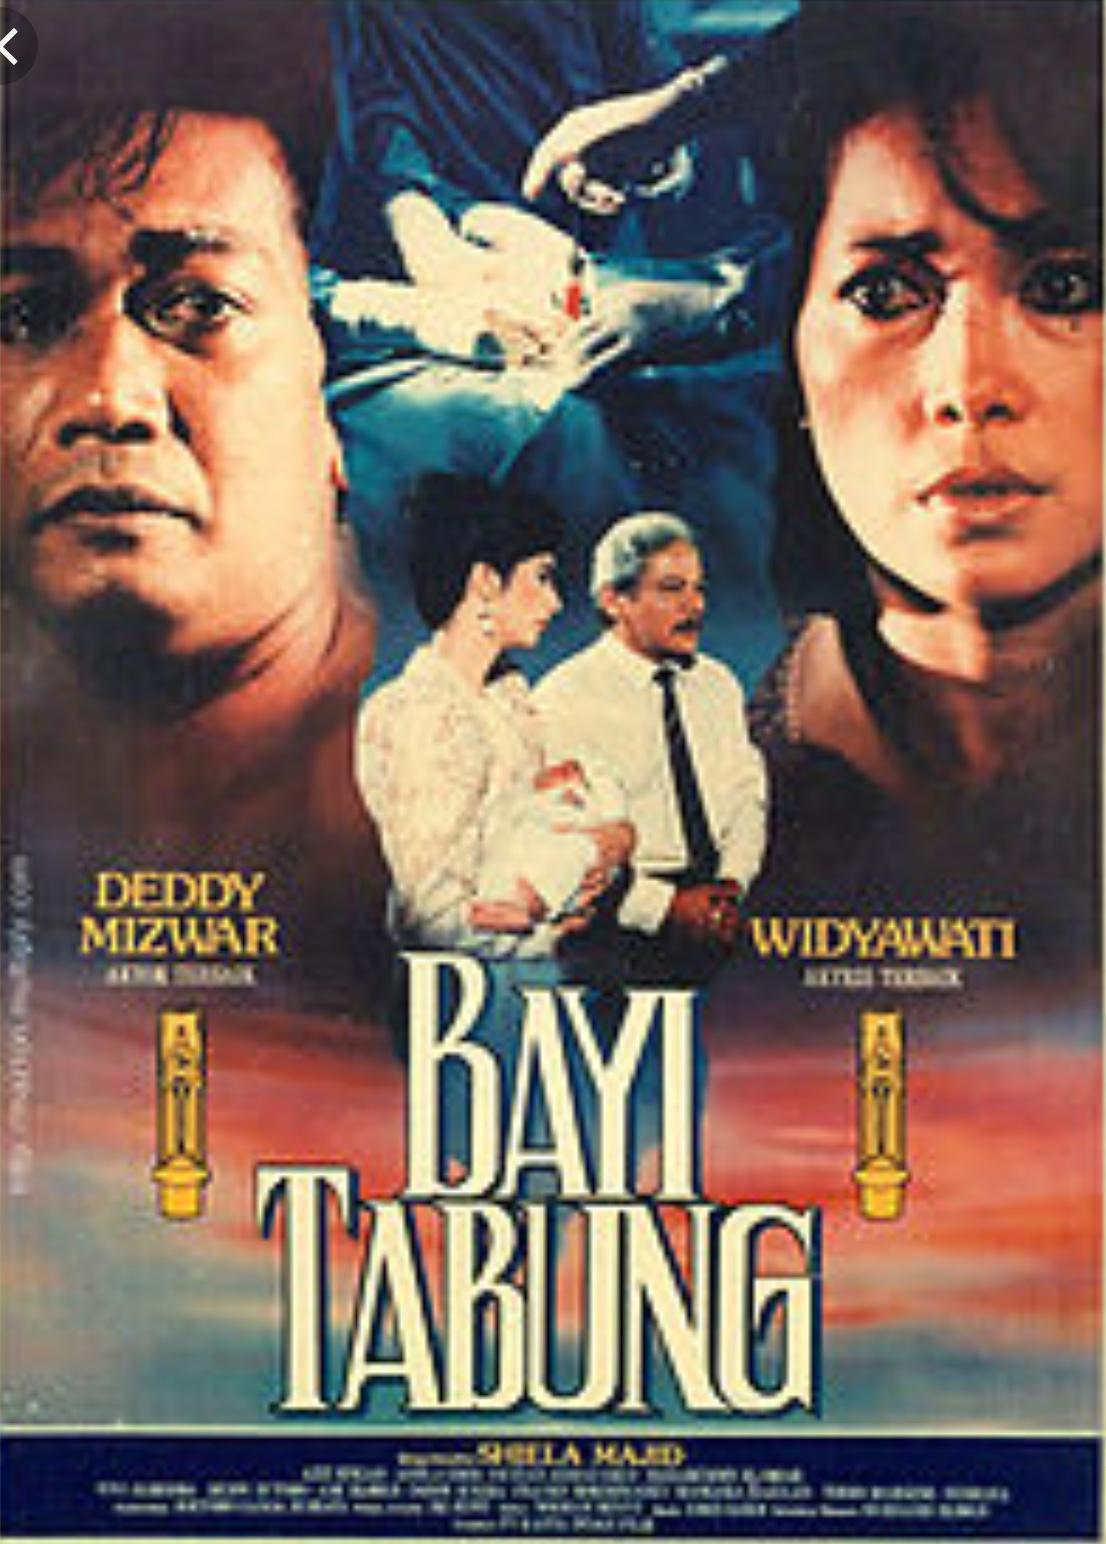 Bayi Tabung ((1988))